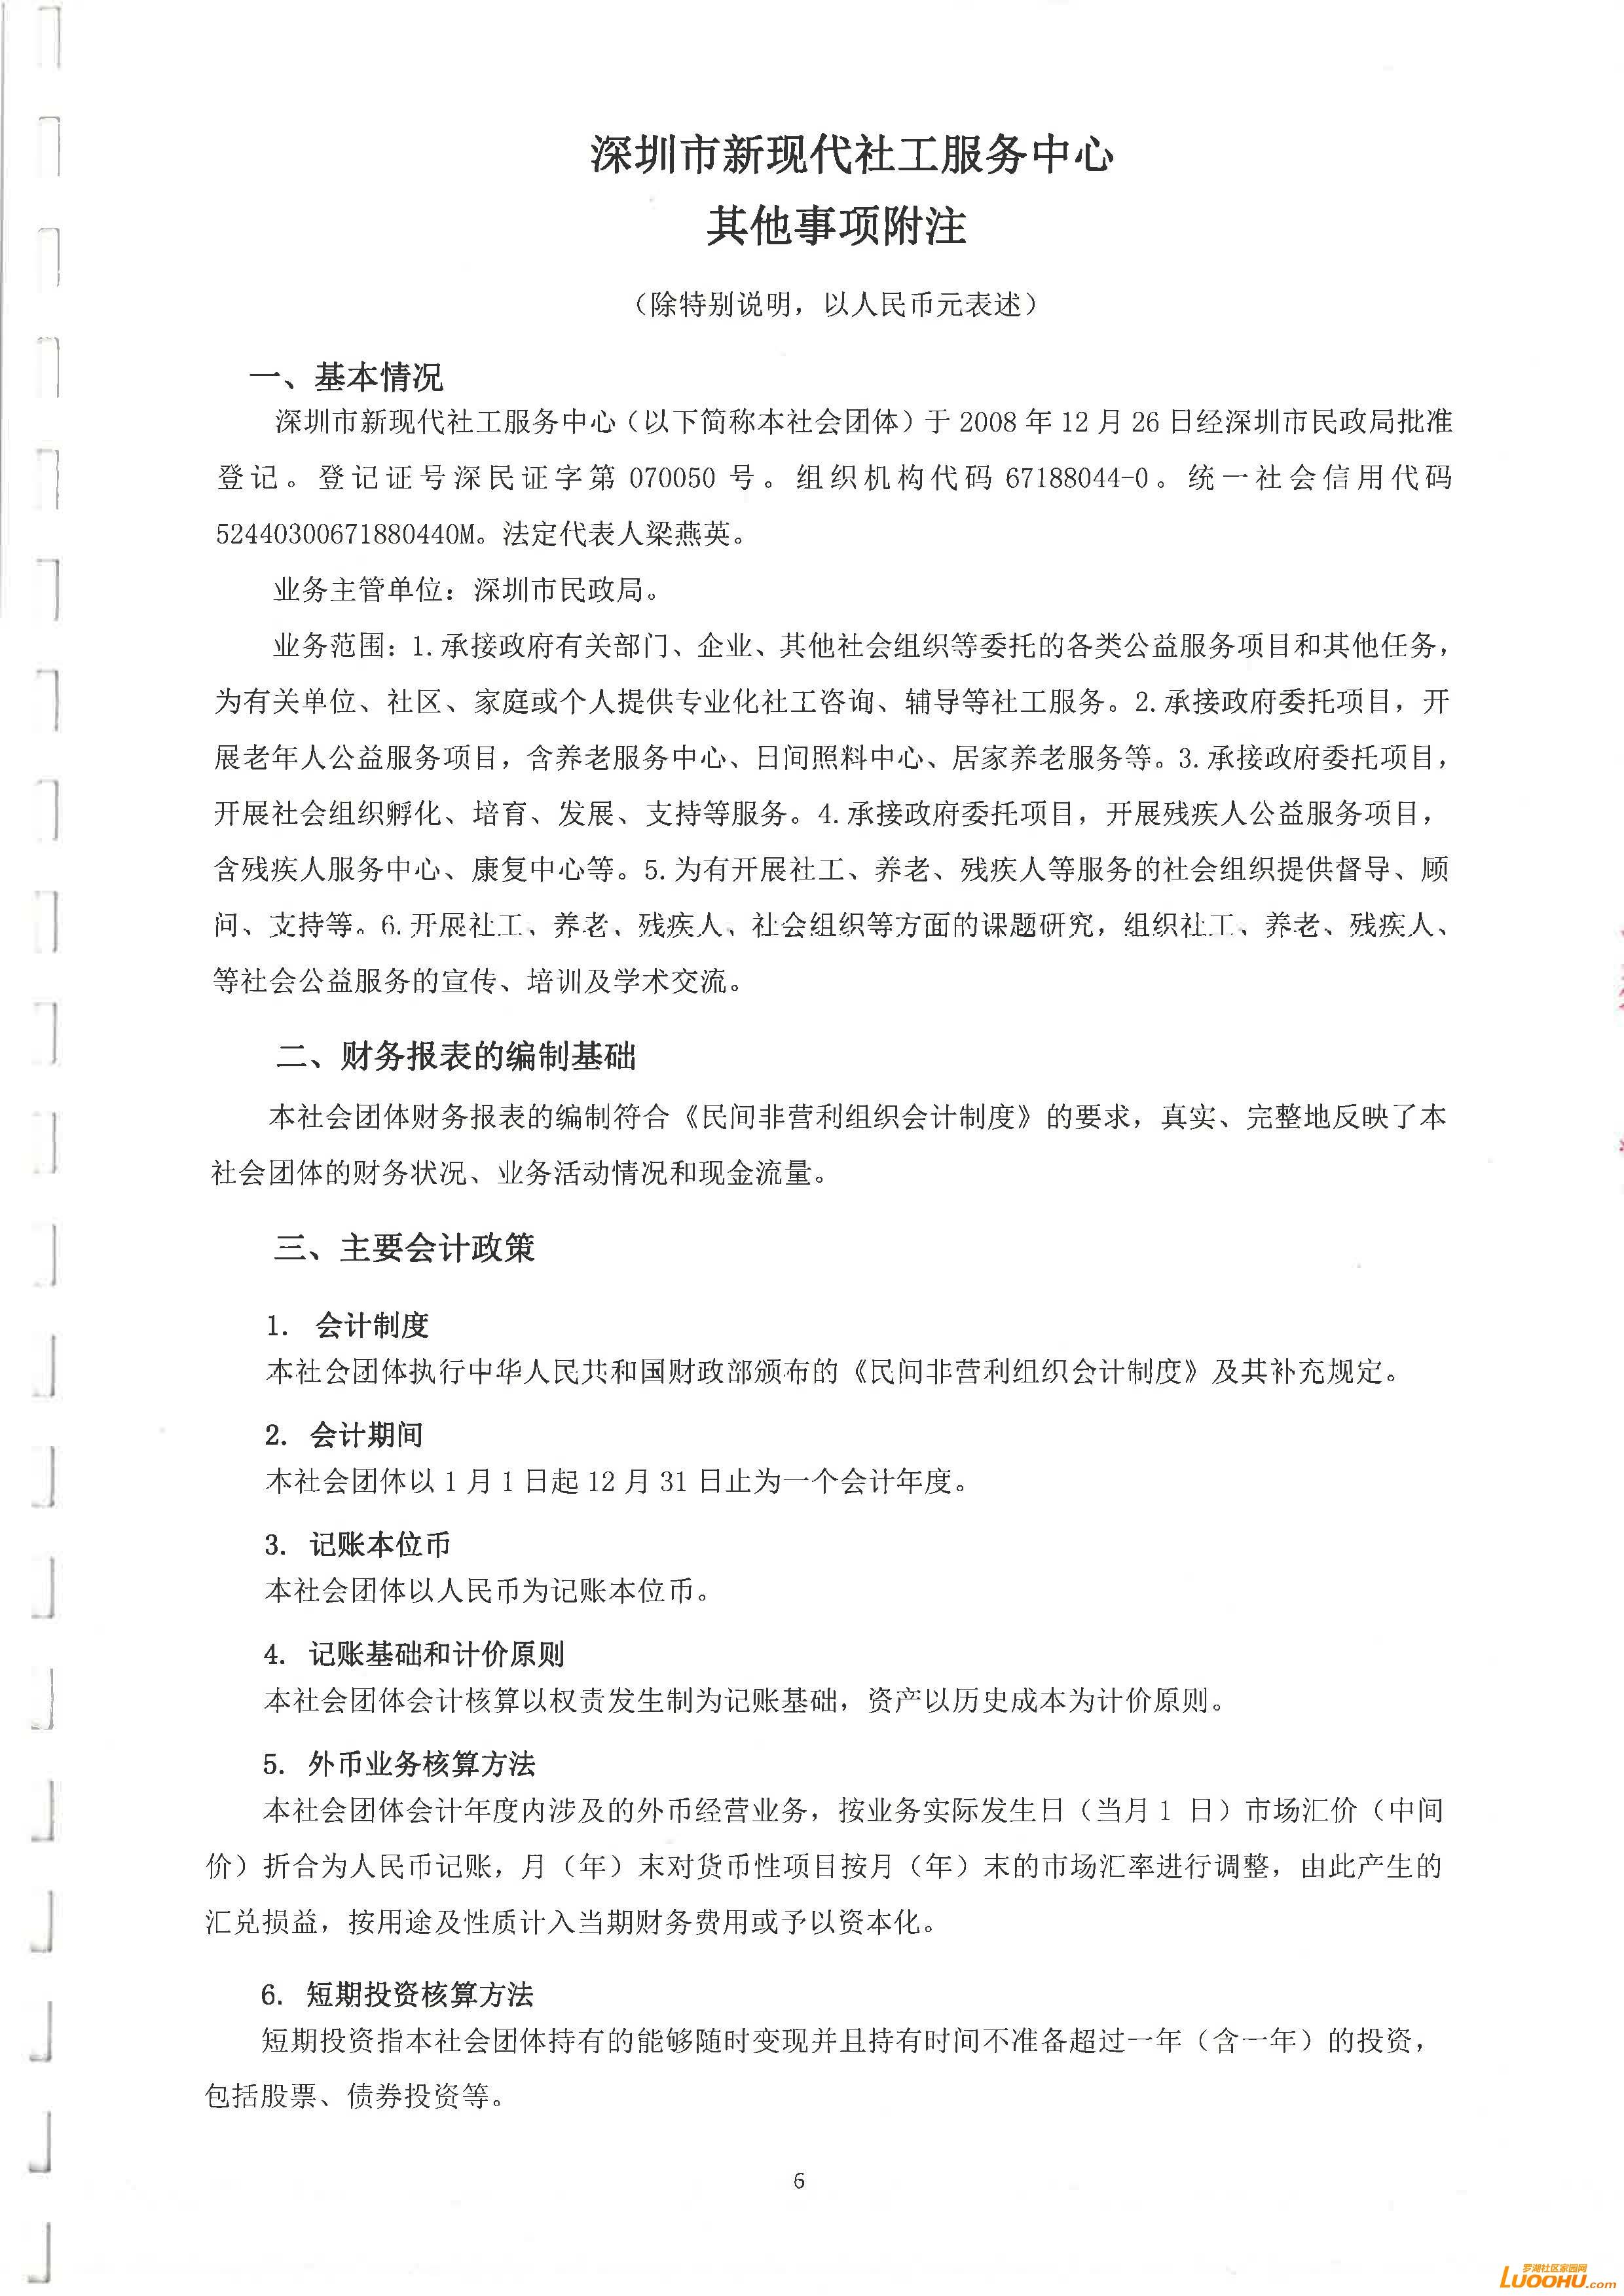 文锦_页面_07.jpg